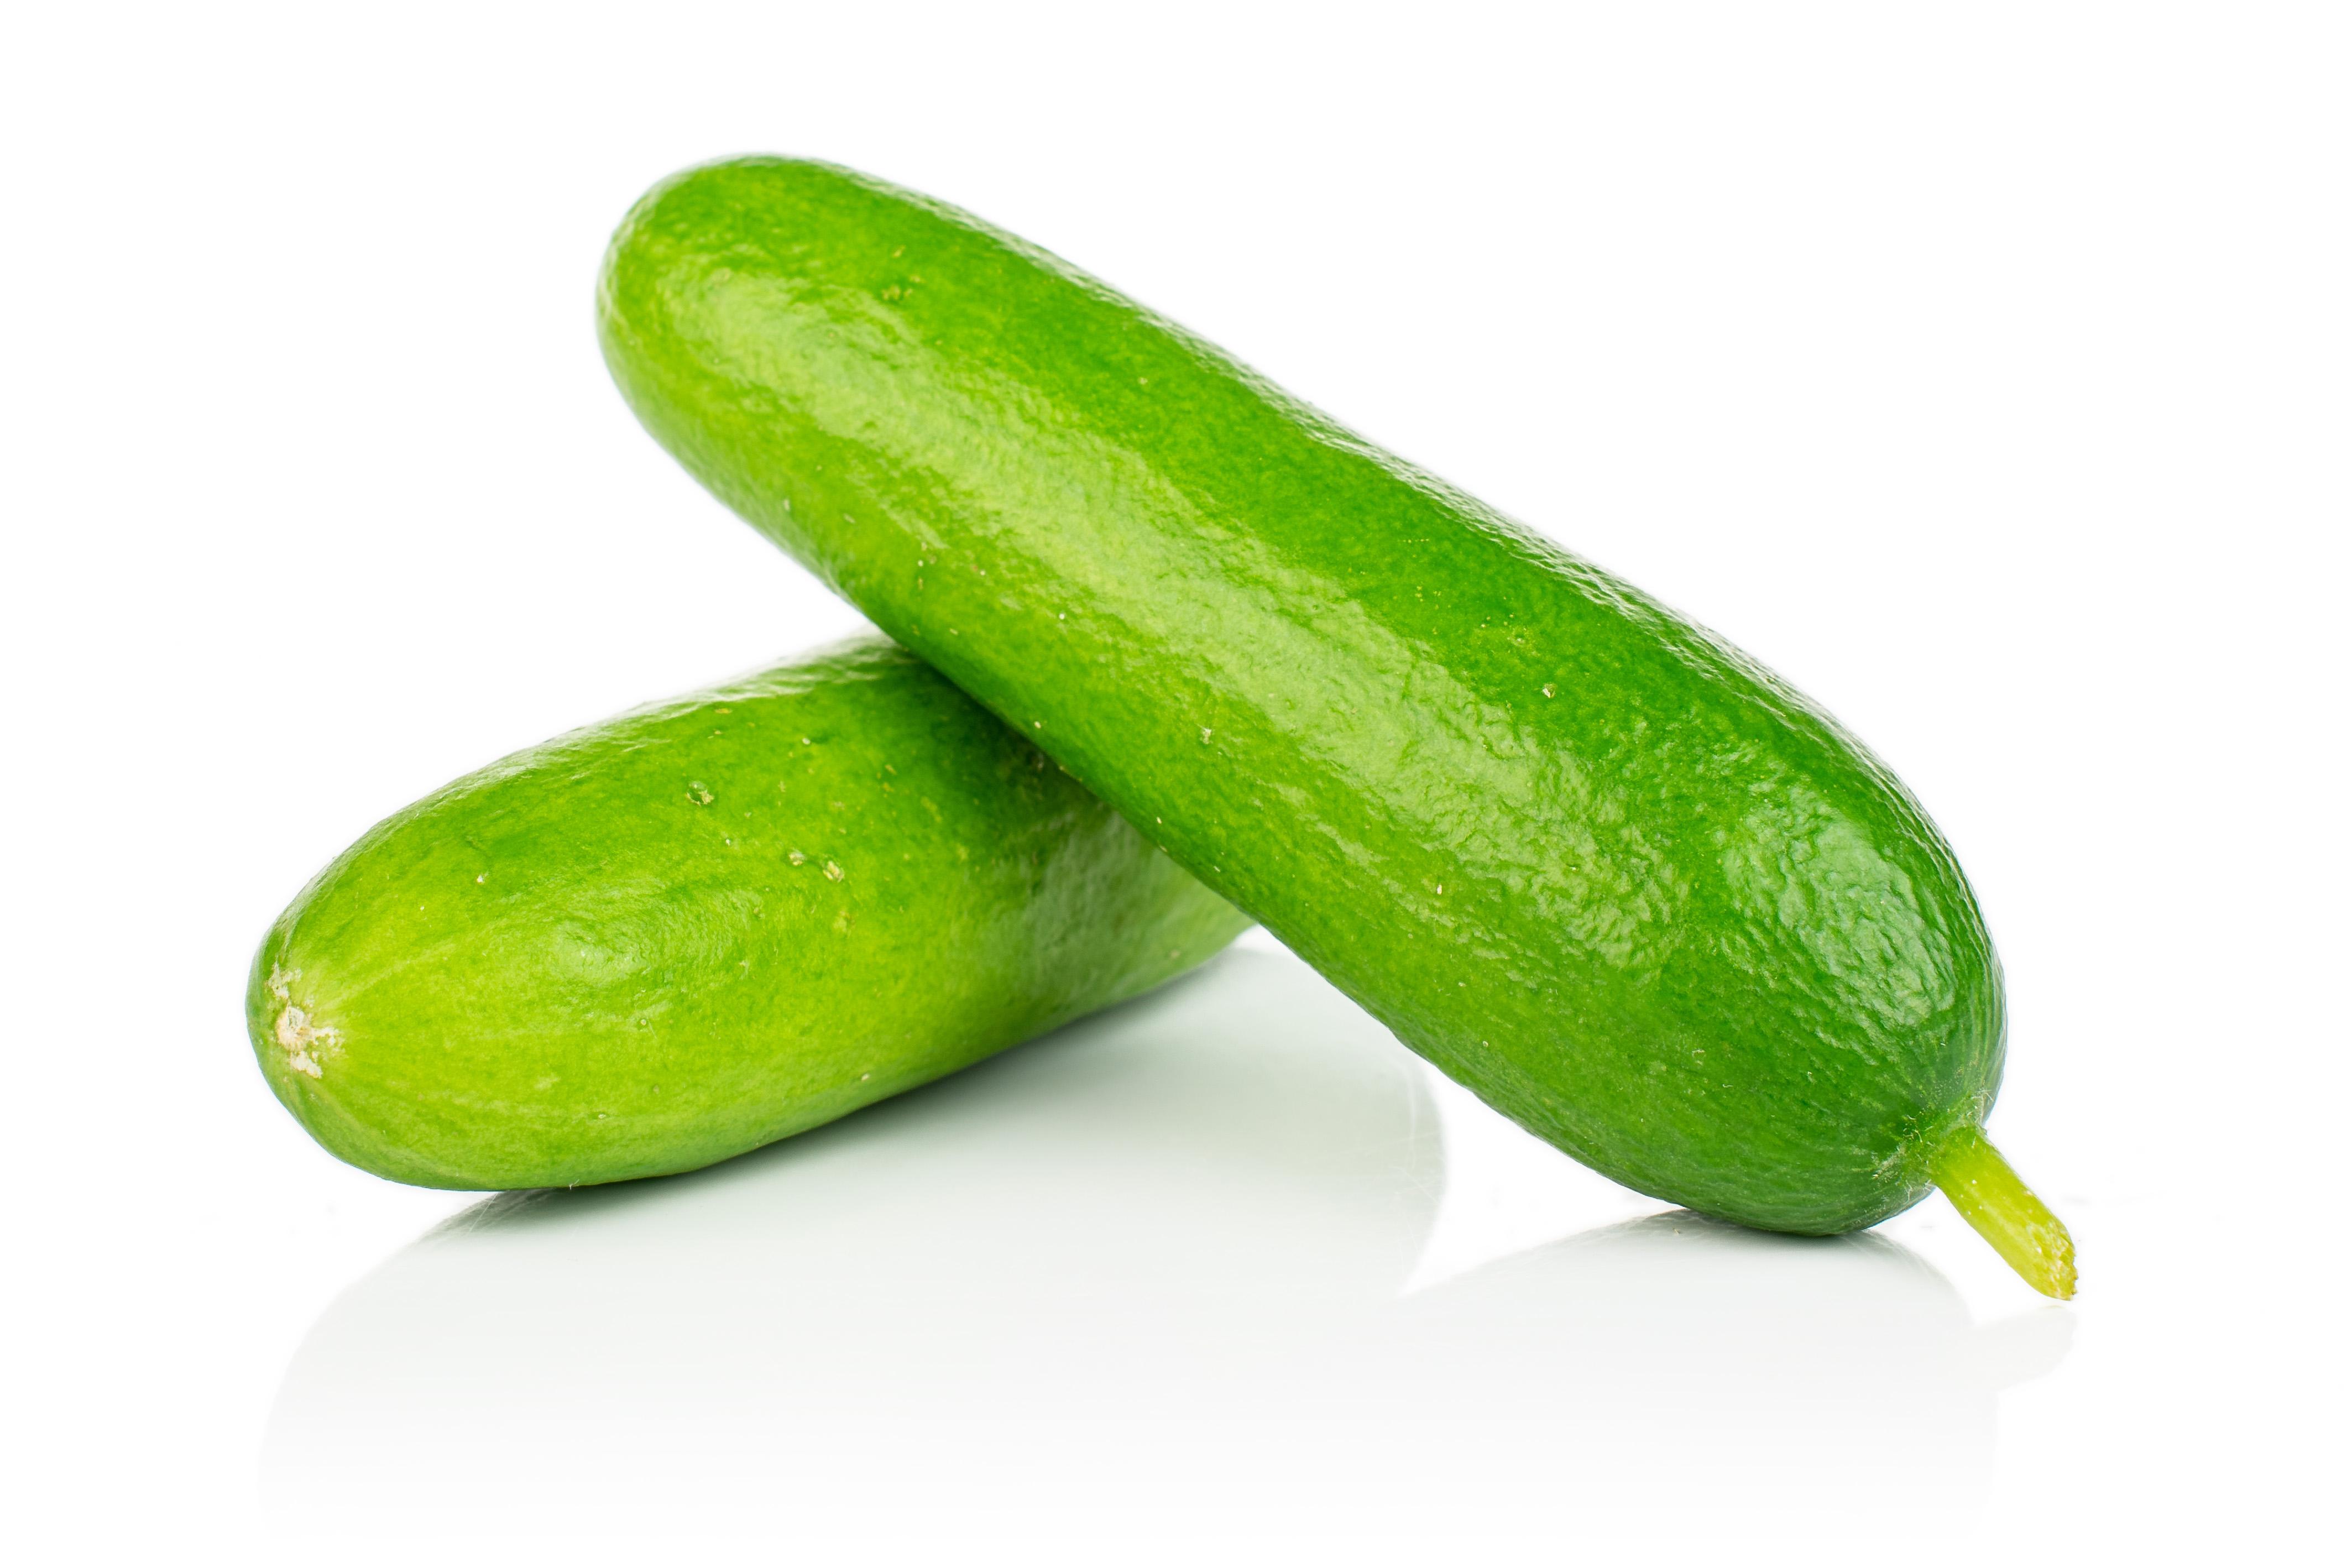 Die beiden Bio-Minigurken der Sorte 'Picolino' glänzen saftig hellgrün